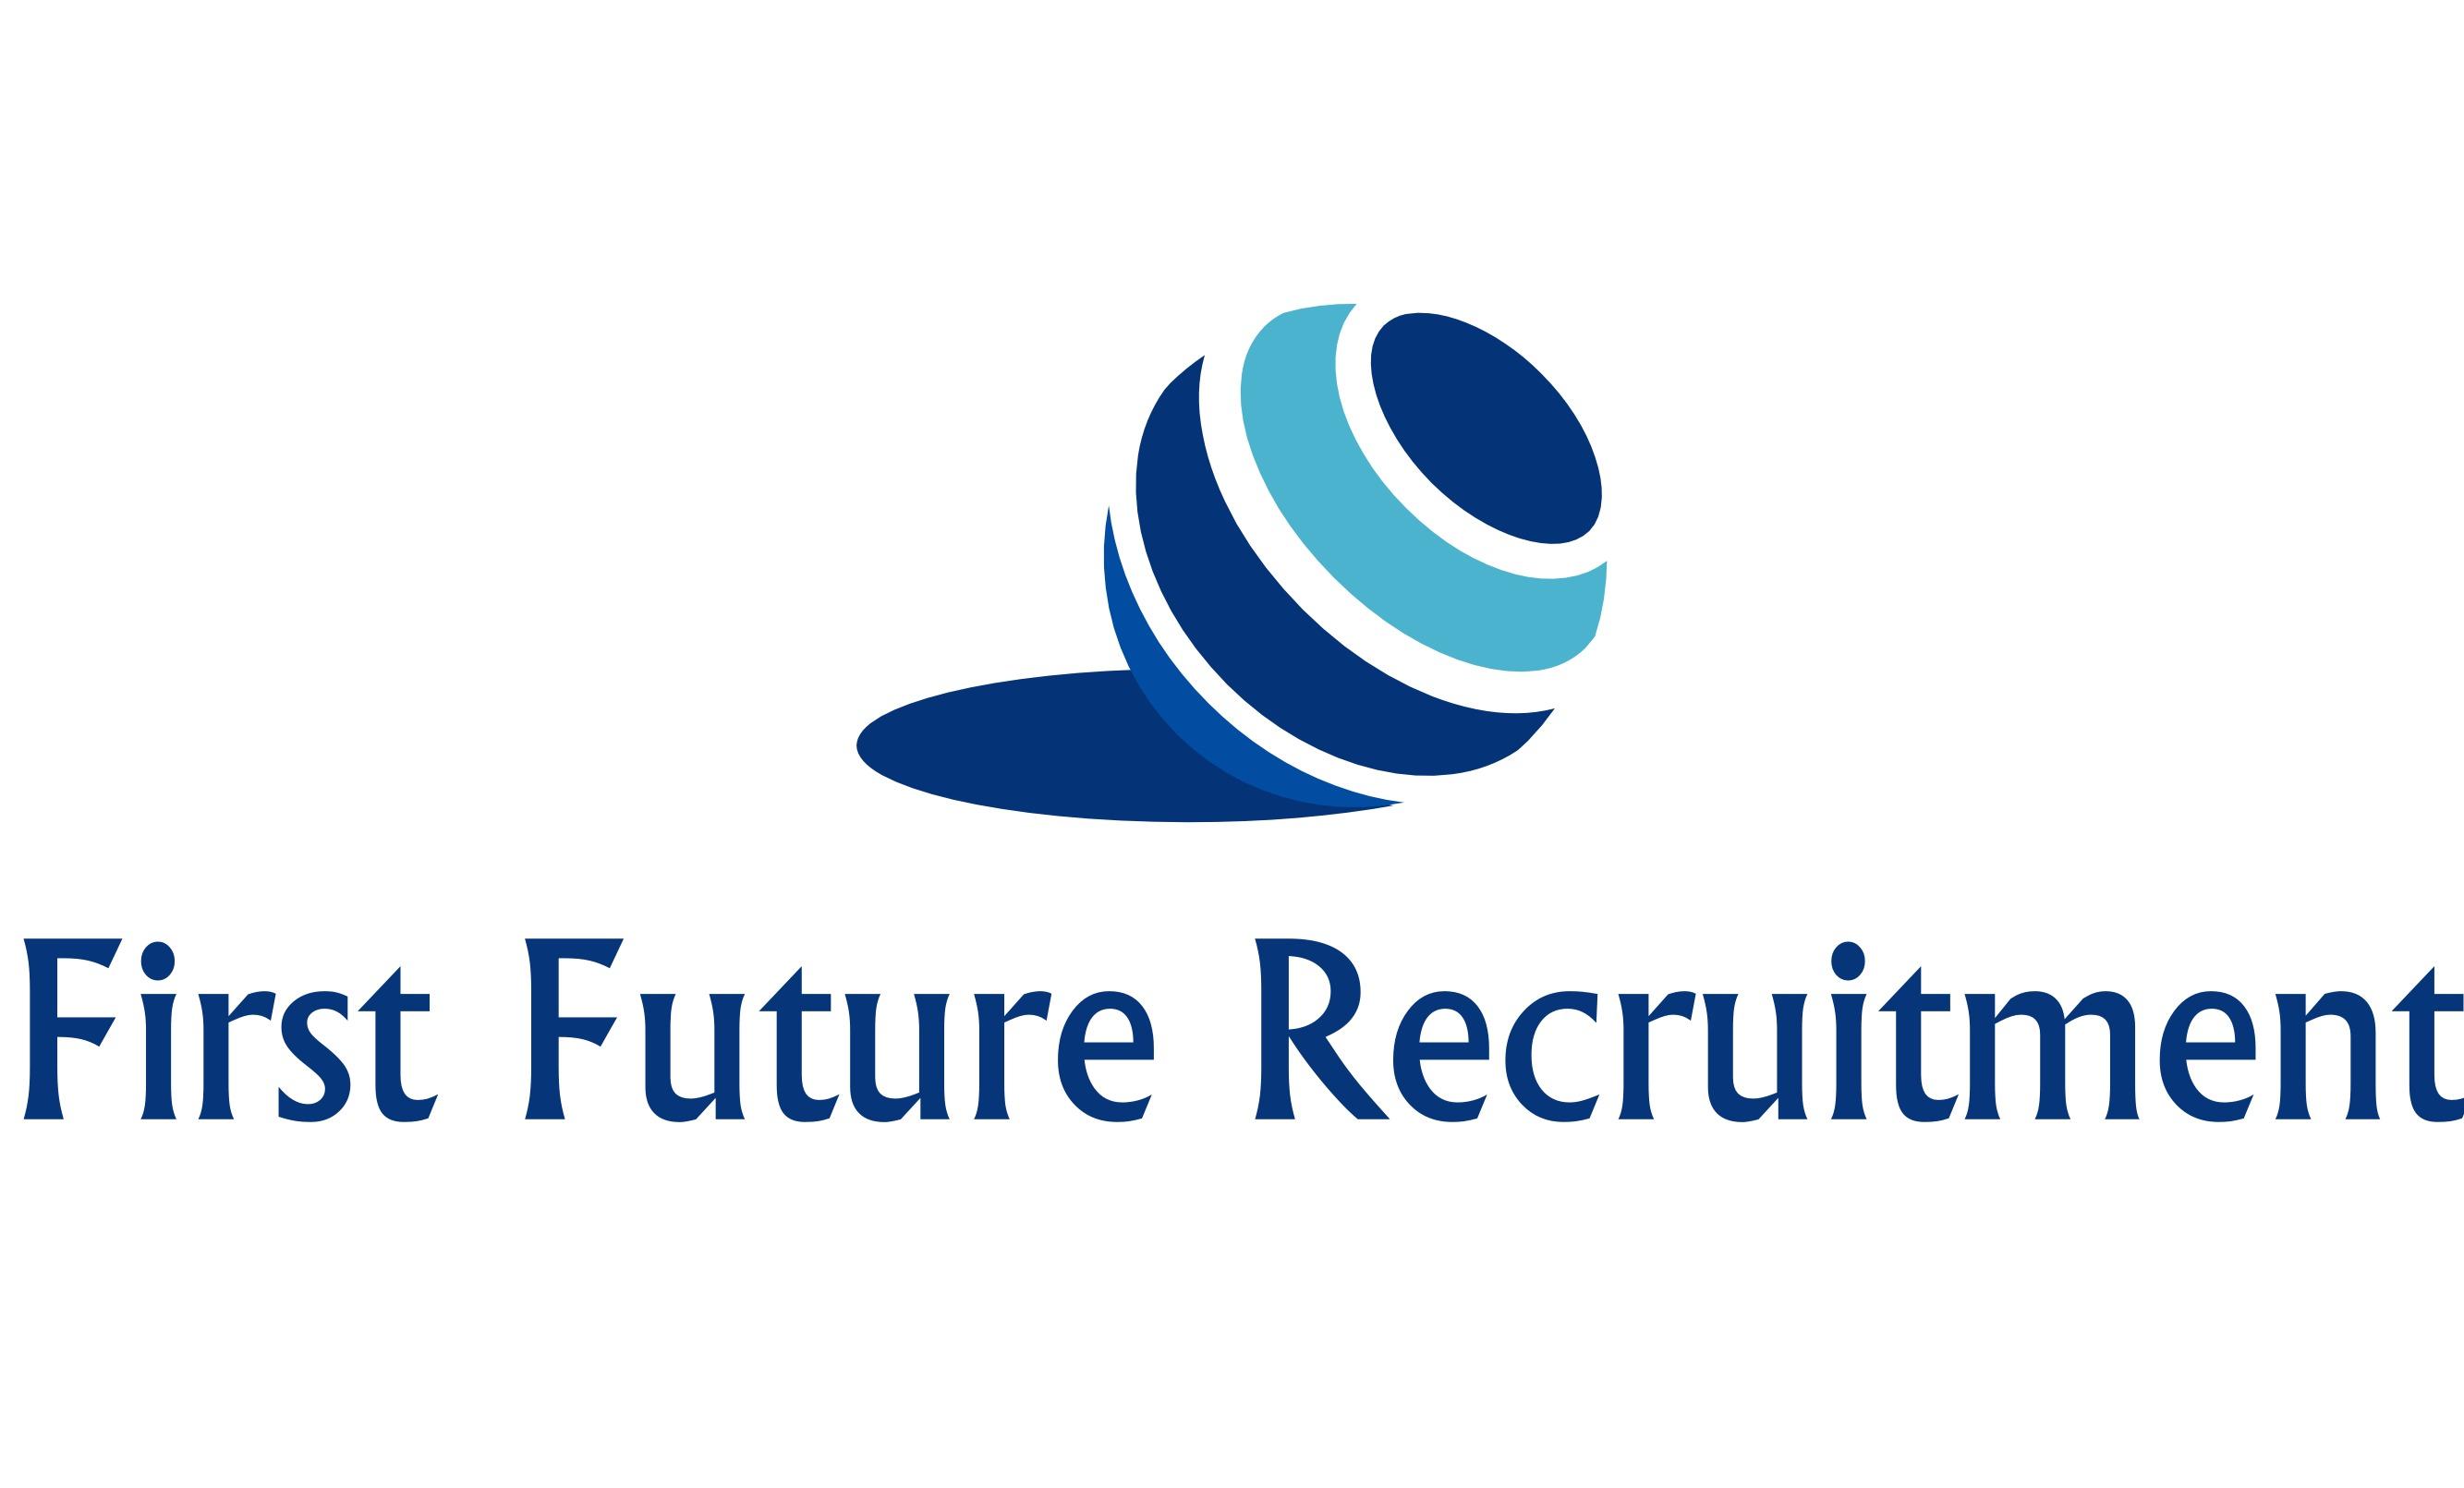 First Future Recruitment